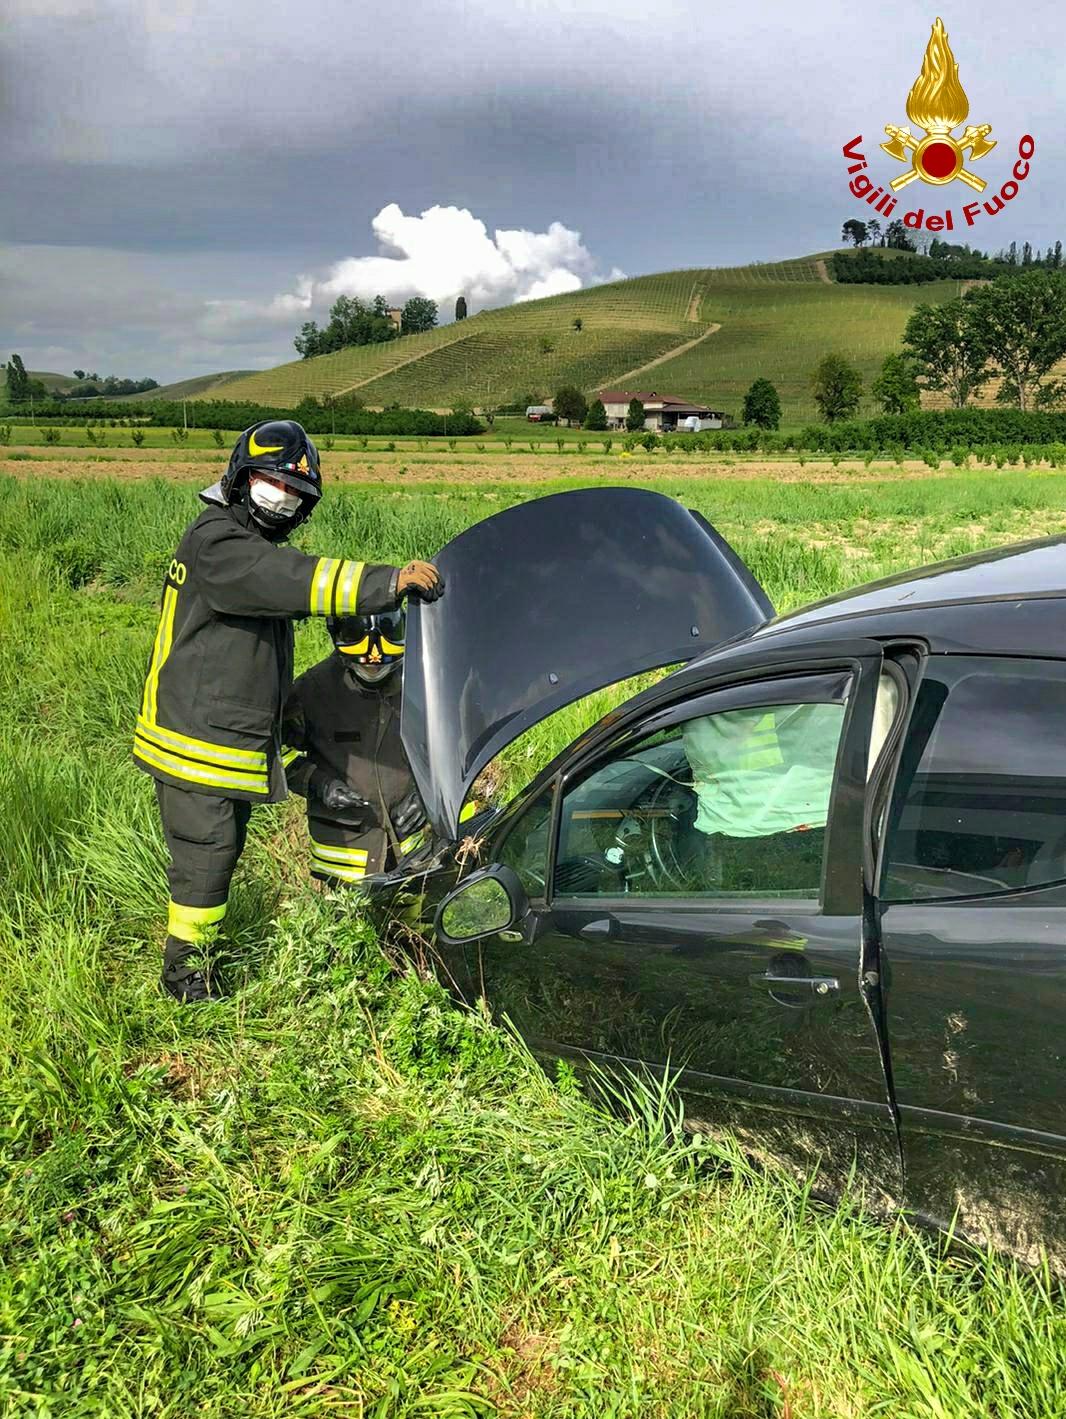 Auto fuoristrada a Neive: un ferito lieve trasportato in ospedale